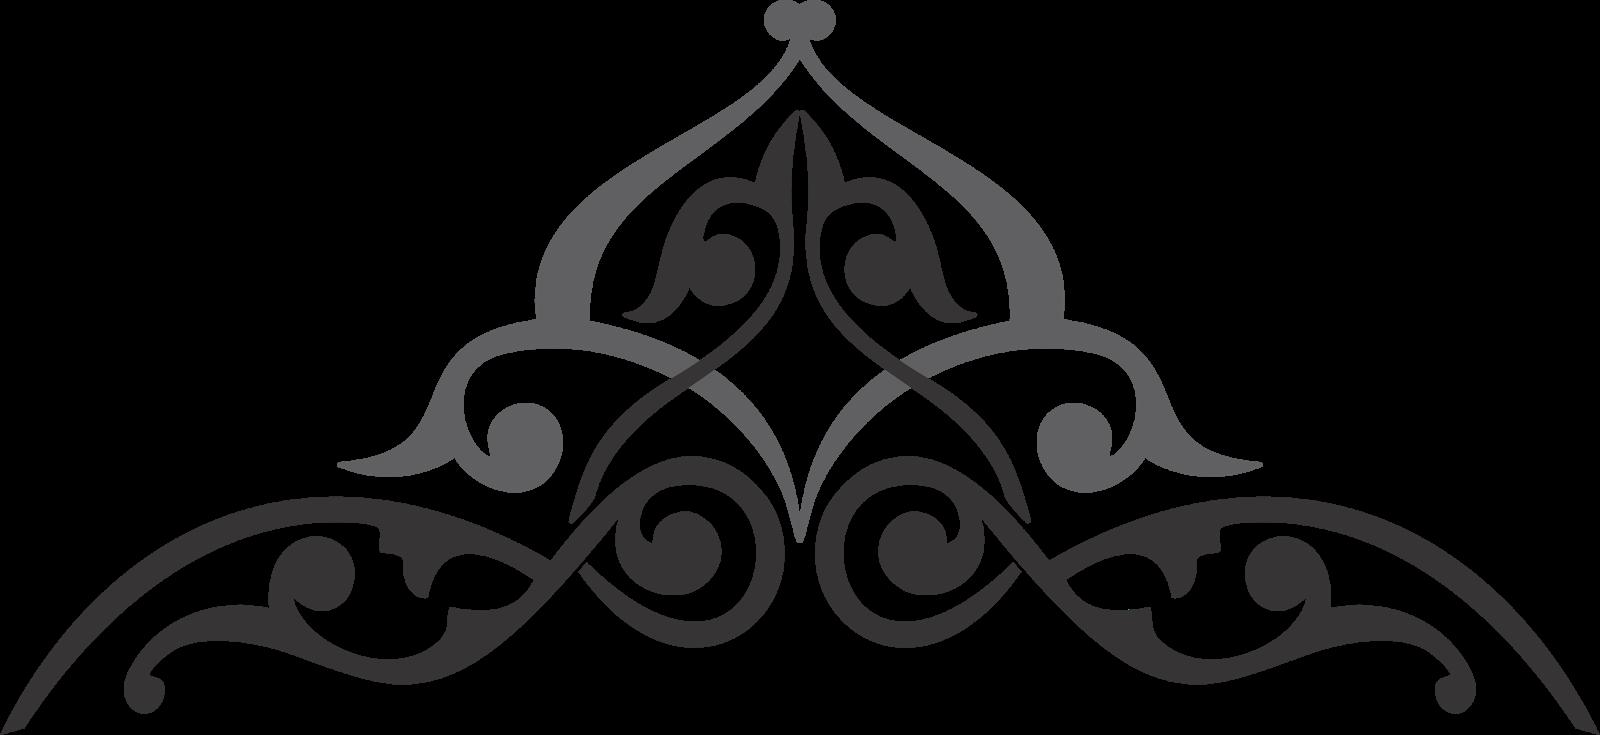 Bingkai Bunga Png Images Free Download Free Transparent Png Logos